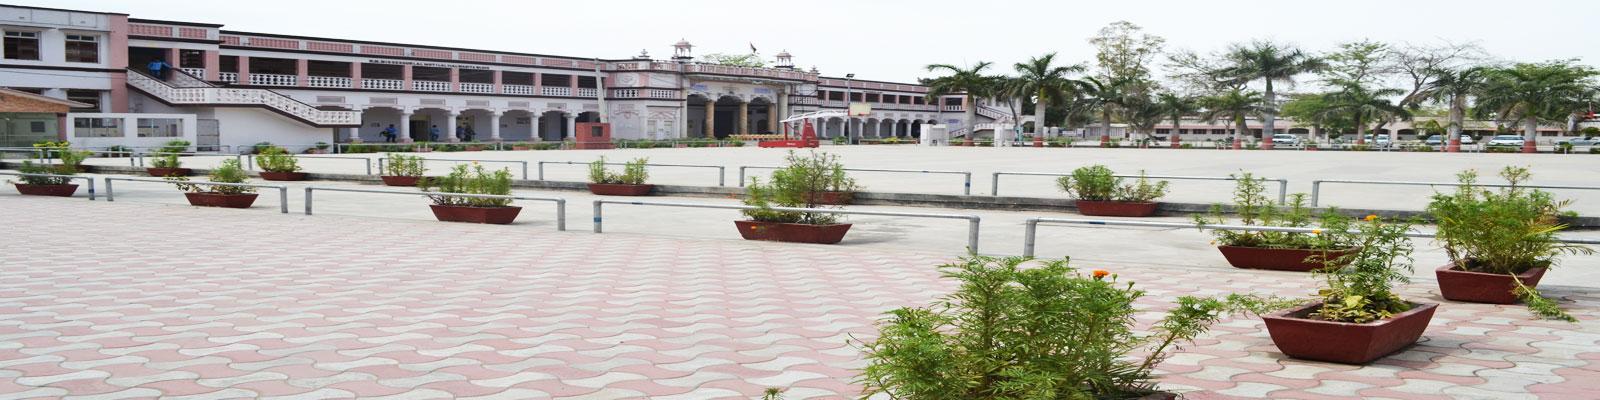 Vaish College, Bhiwani